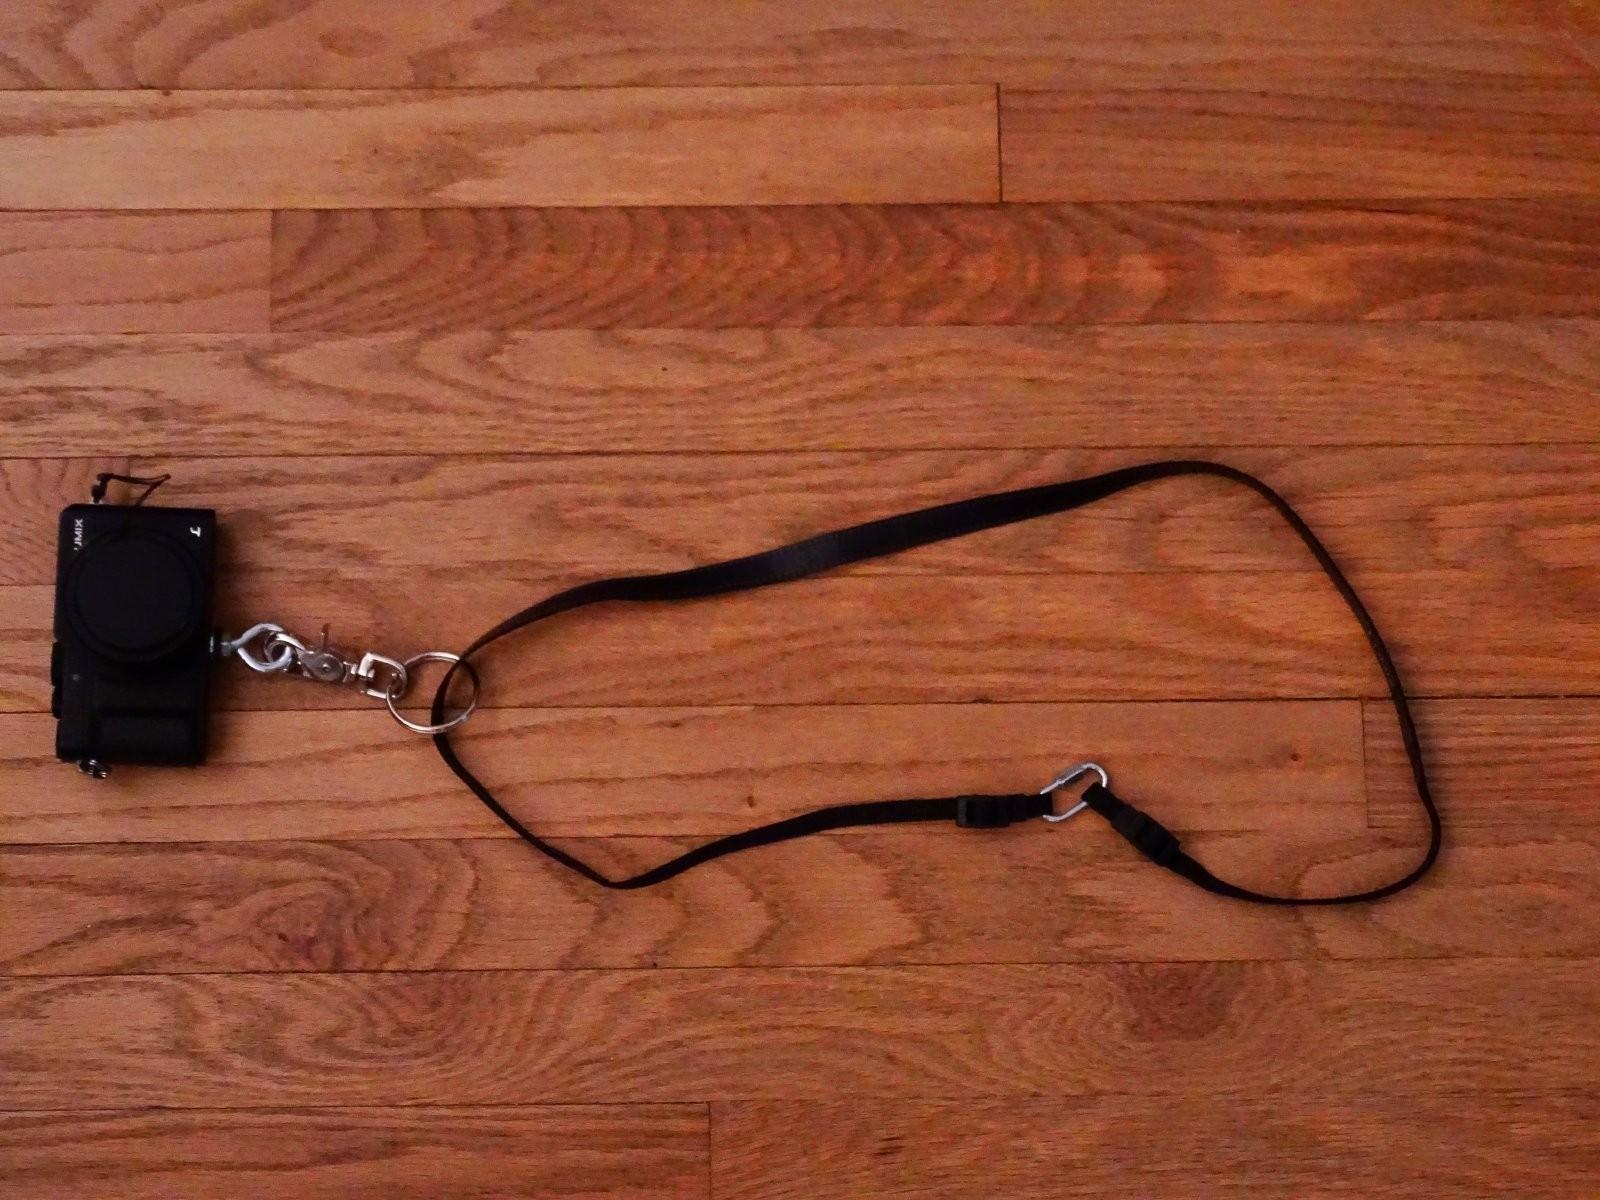 camera slider strap (1).JPG